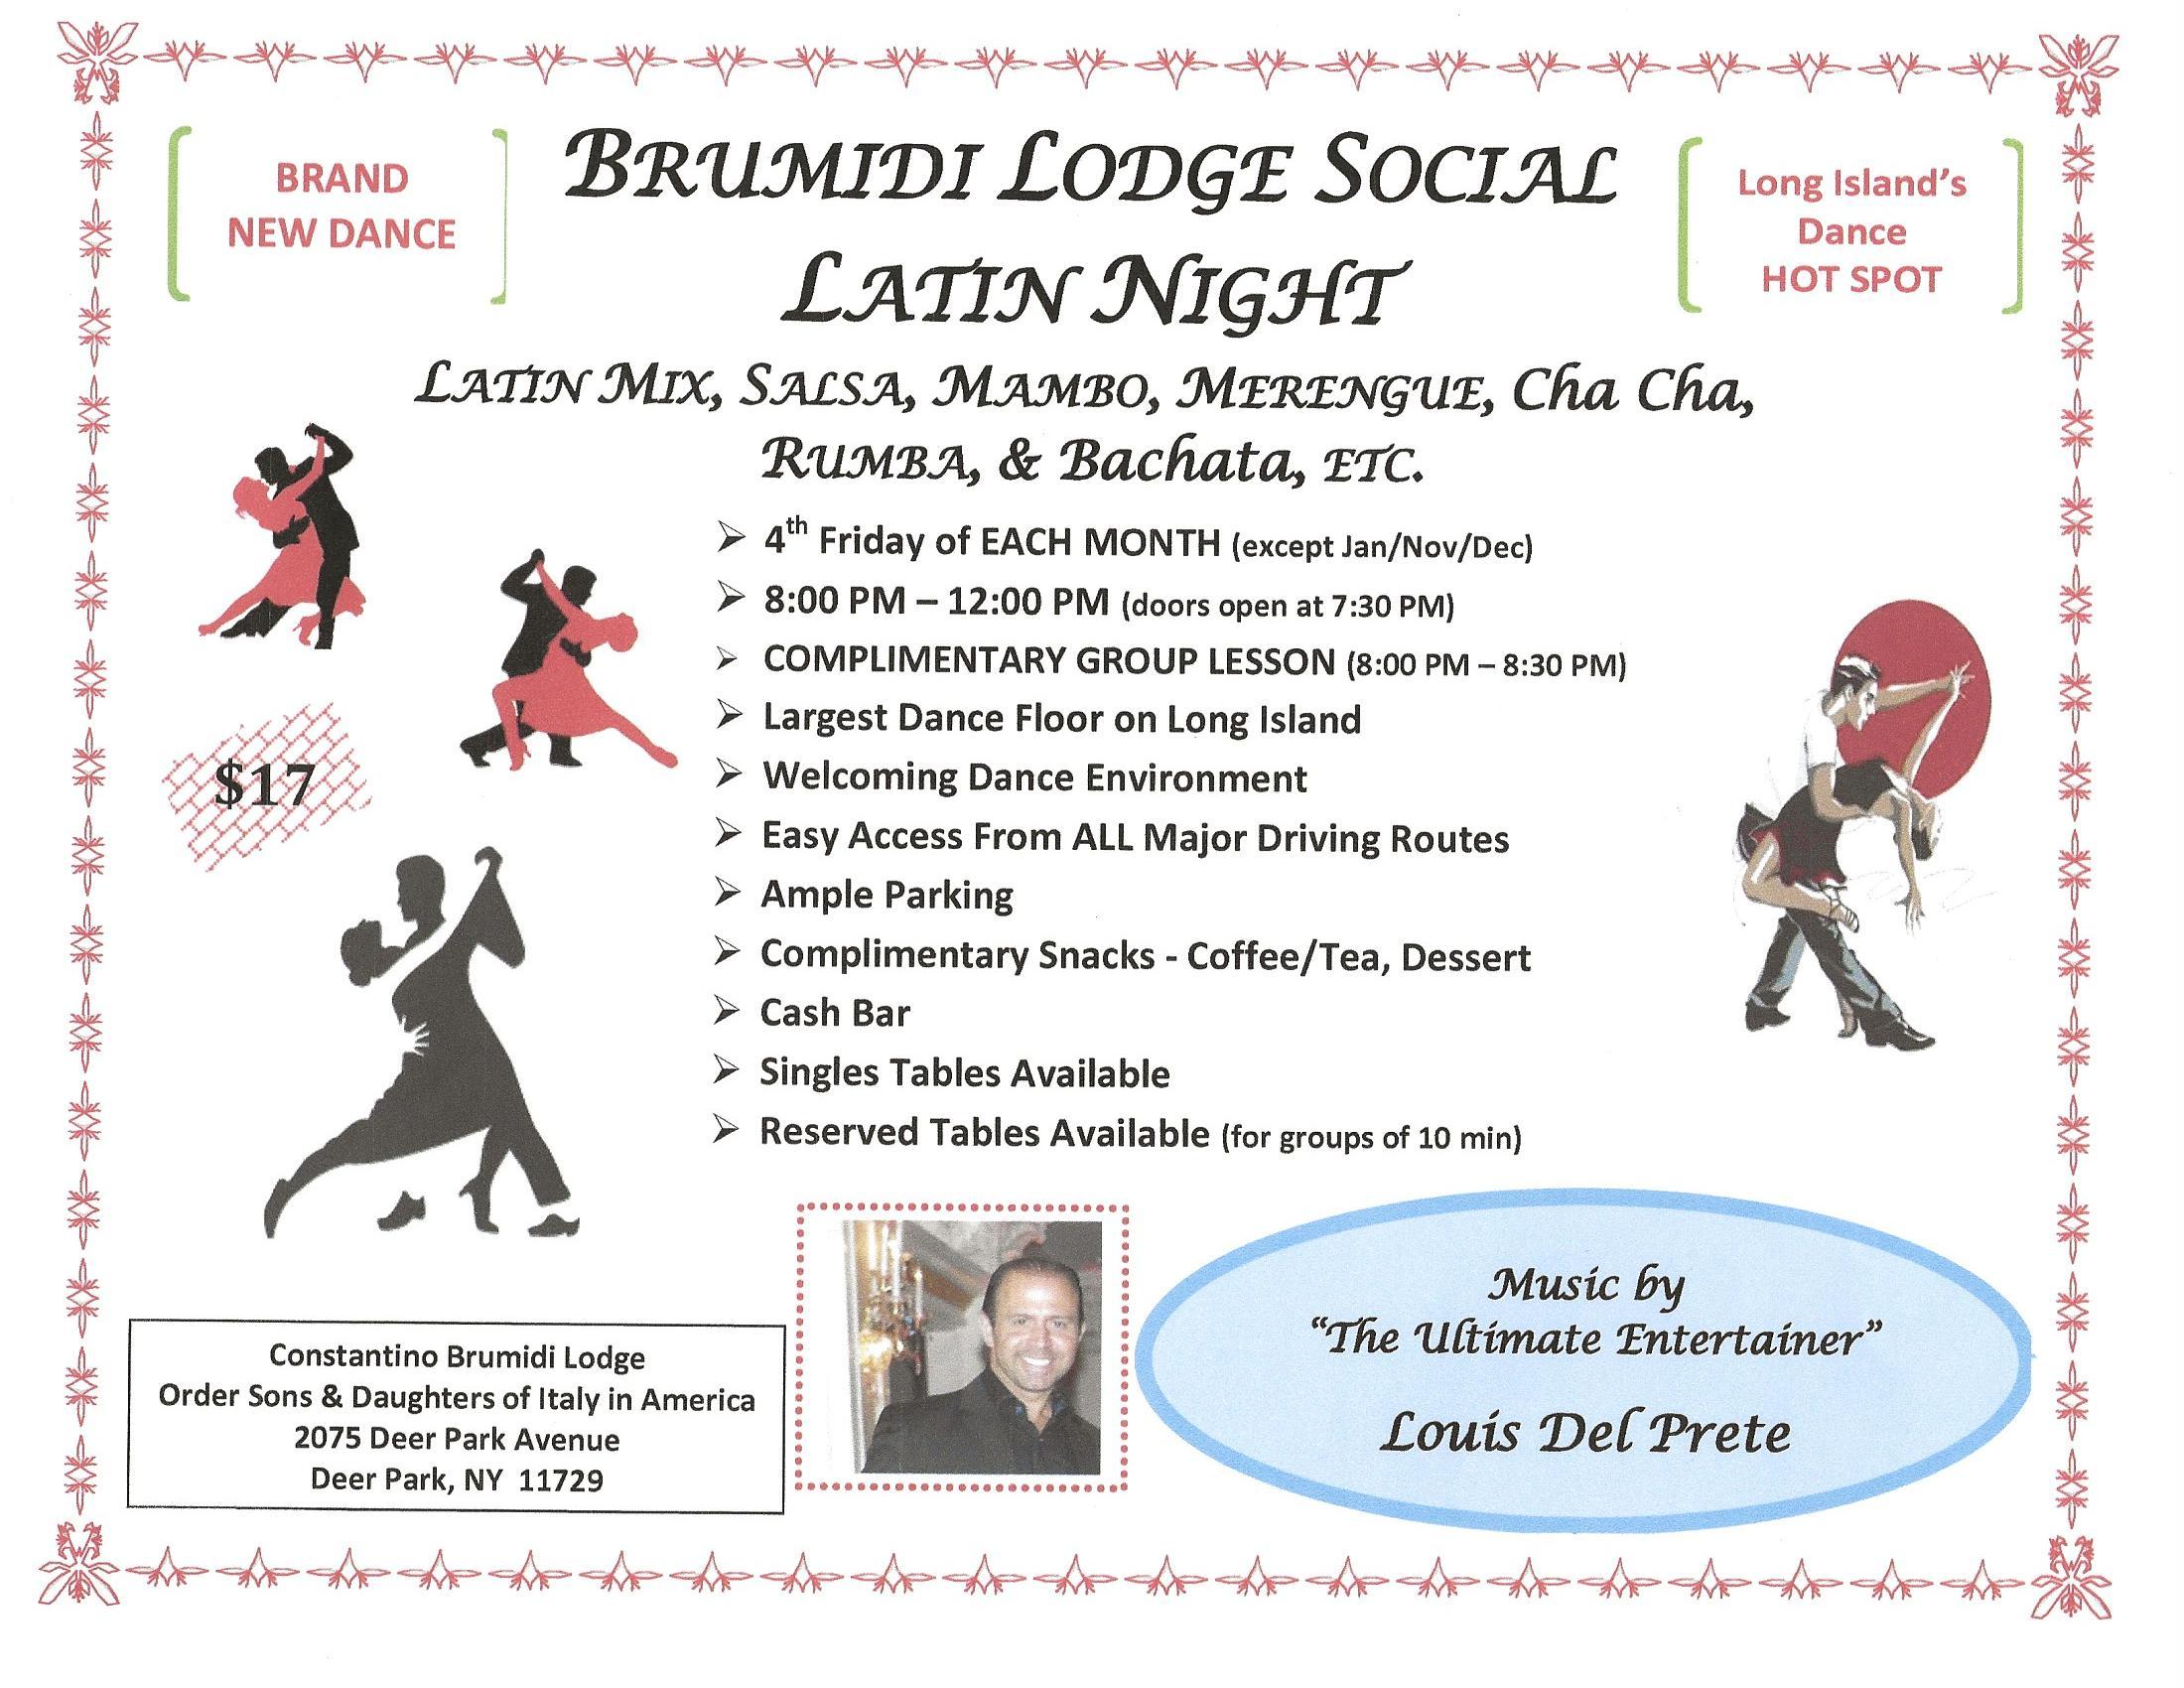 Brumidi Lodge Social – Latin Night